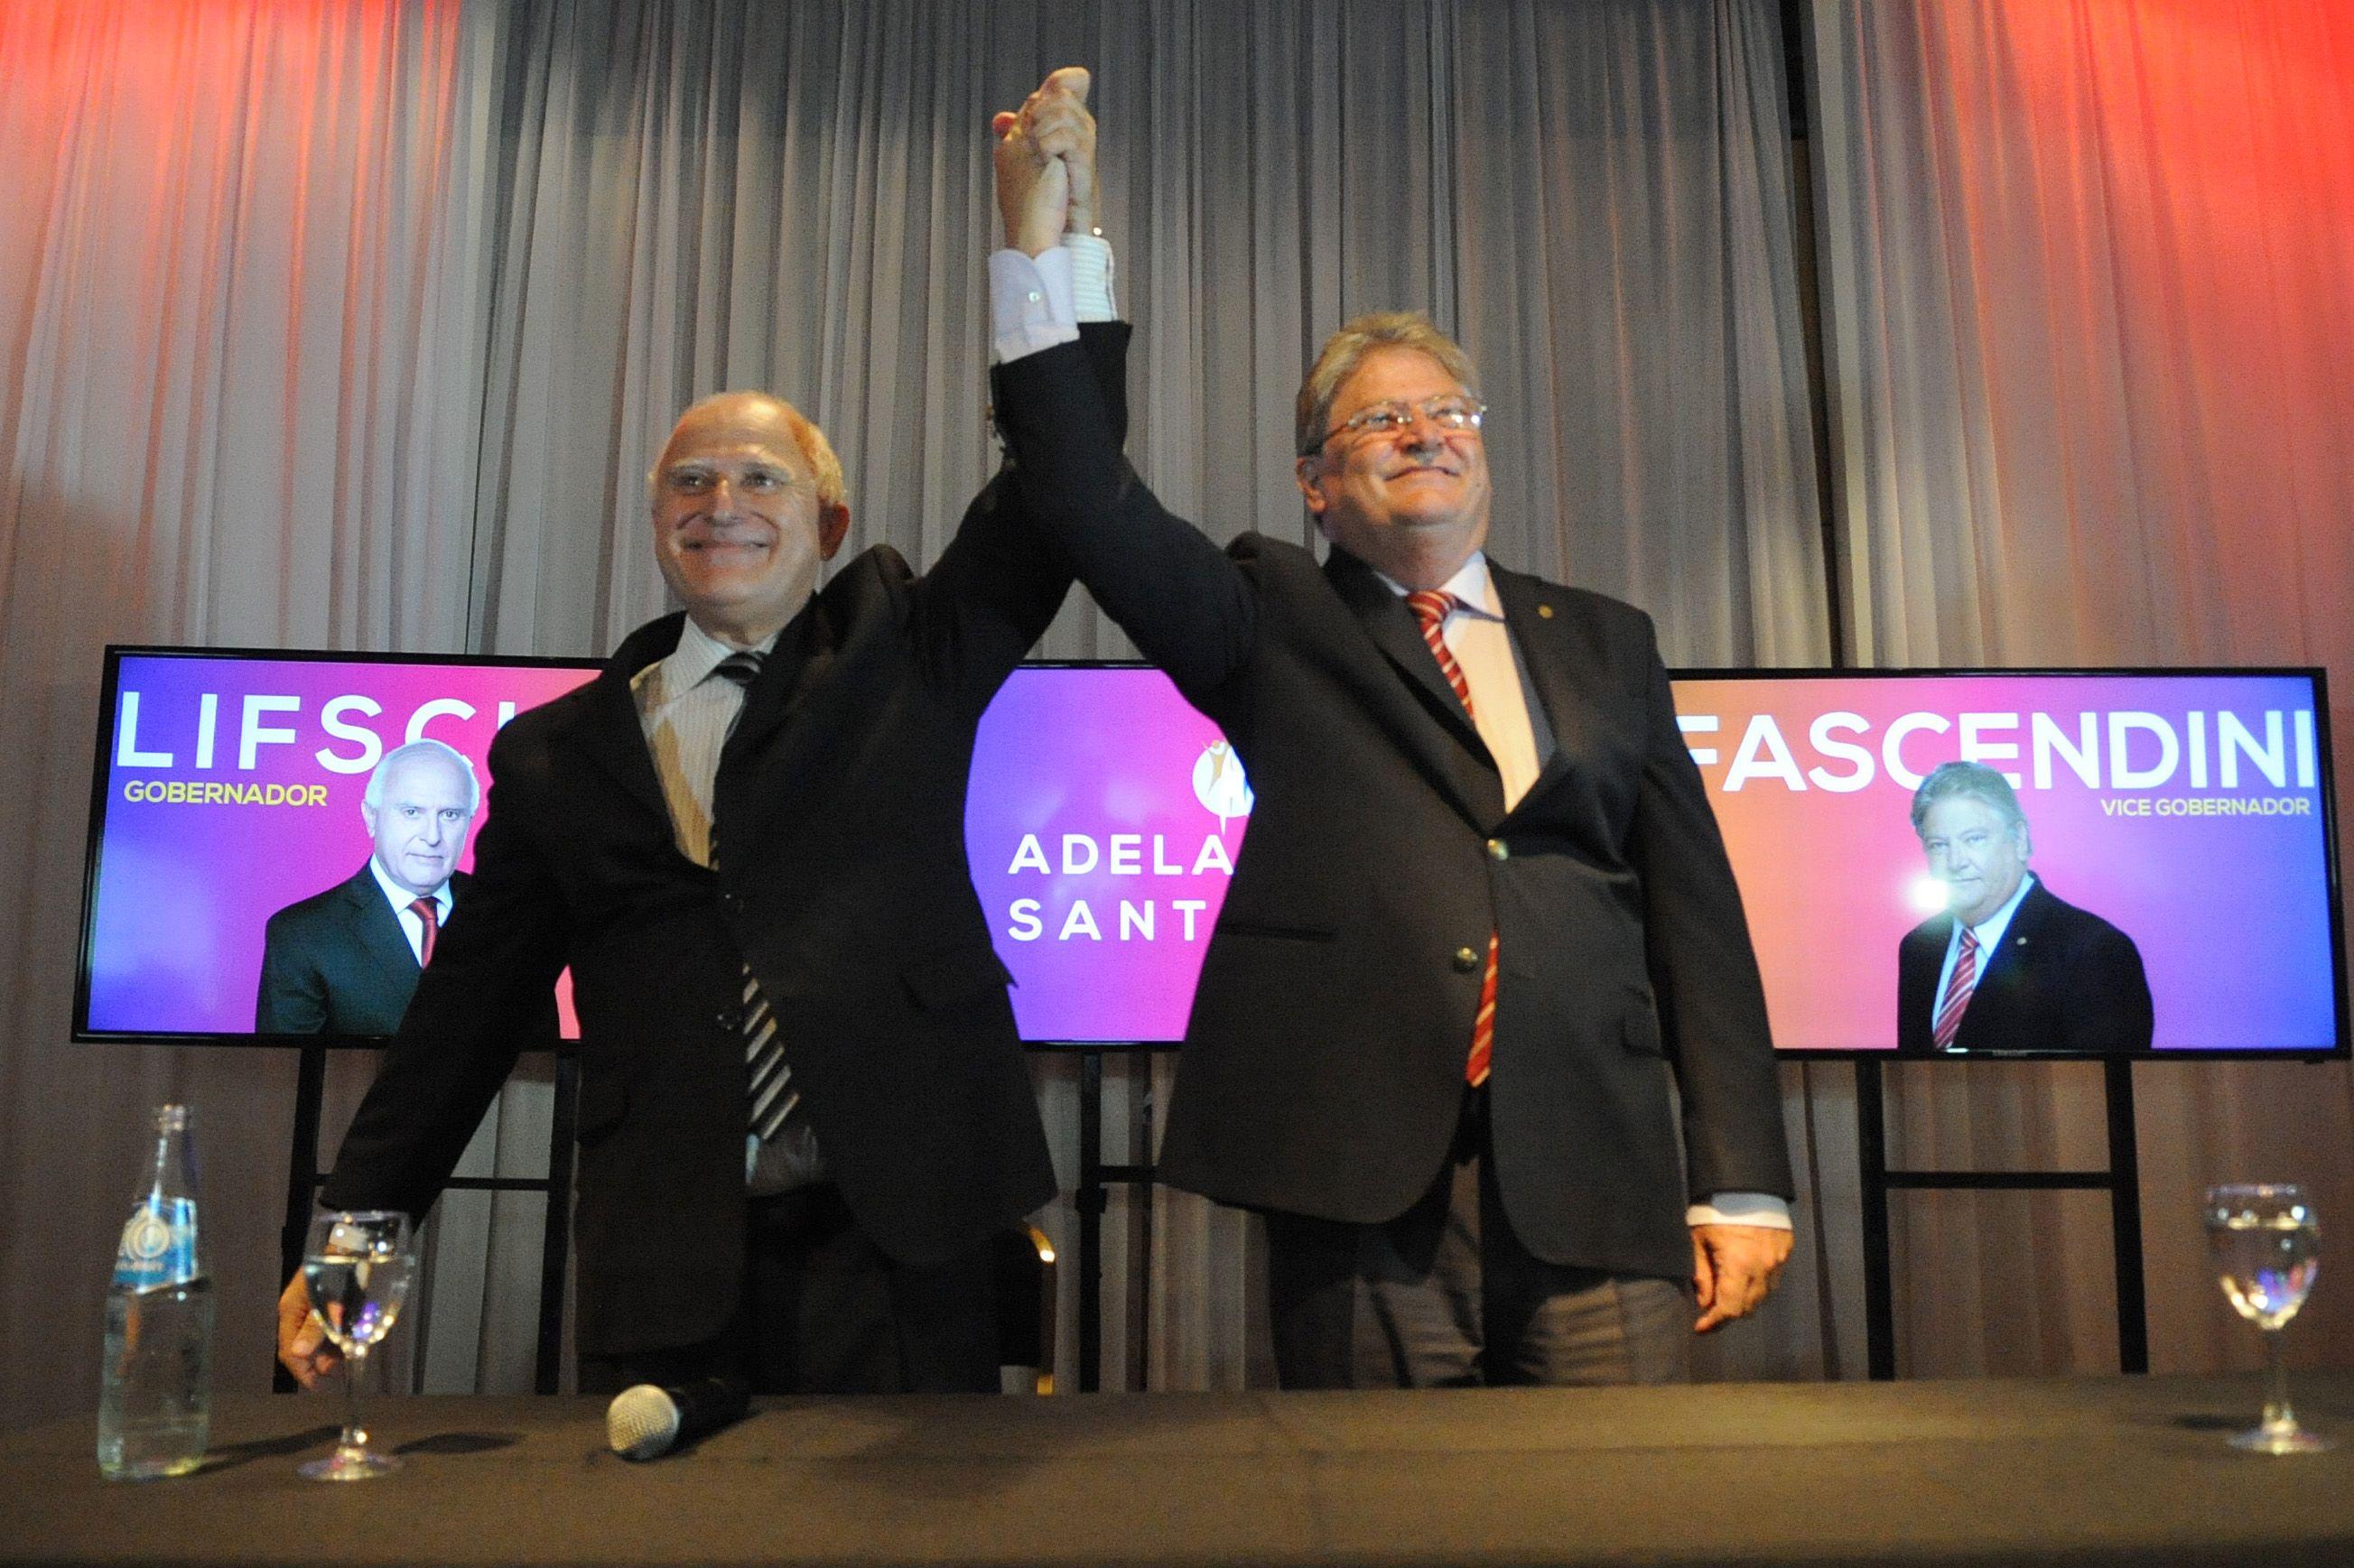 El senador provincial socialista Miguel Lifschitz lanzó su precandidatura a gobernador de Santa Fe hoy en Rosario.